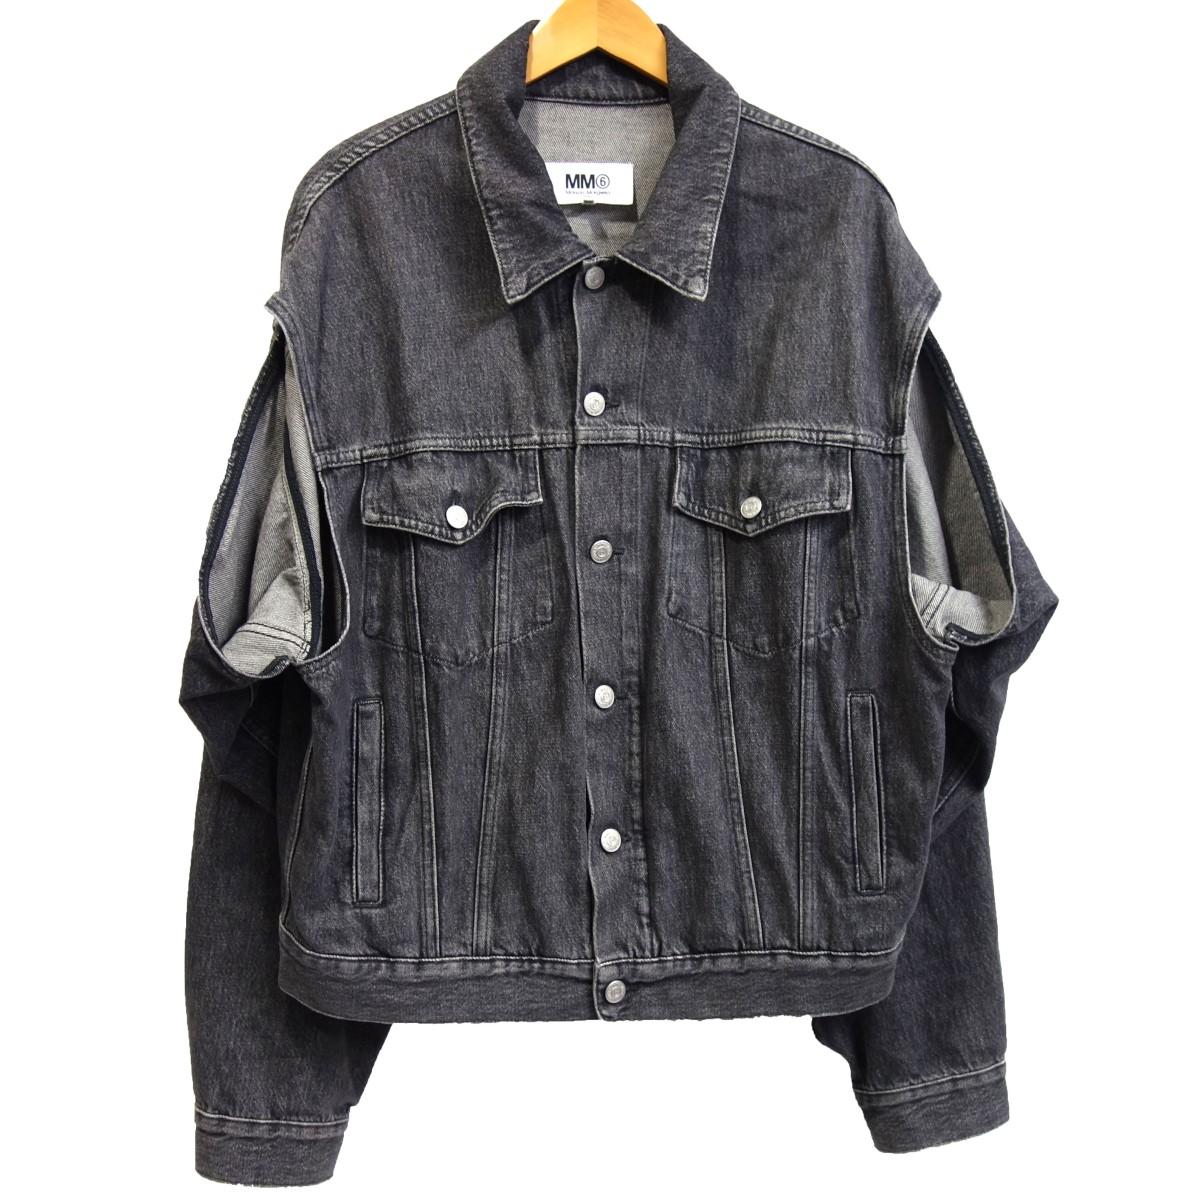 【中古】MM6 Maison Margiela 19SS カットアウトデニムジャケット ブラック サイズ:38 【050420】(エムエムシックスメゾンマルジェラ)